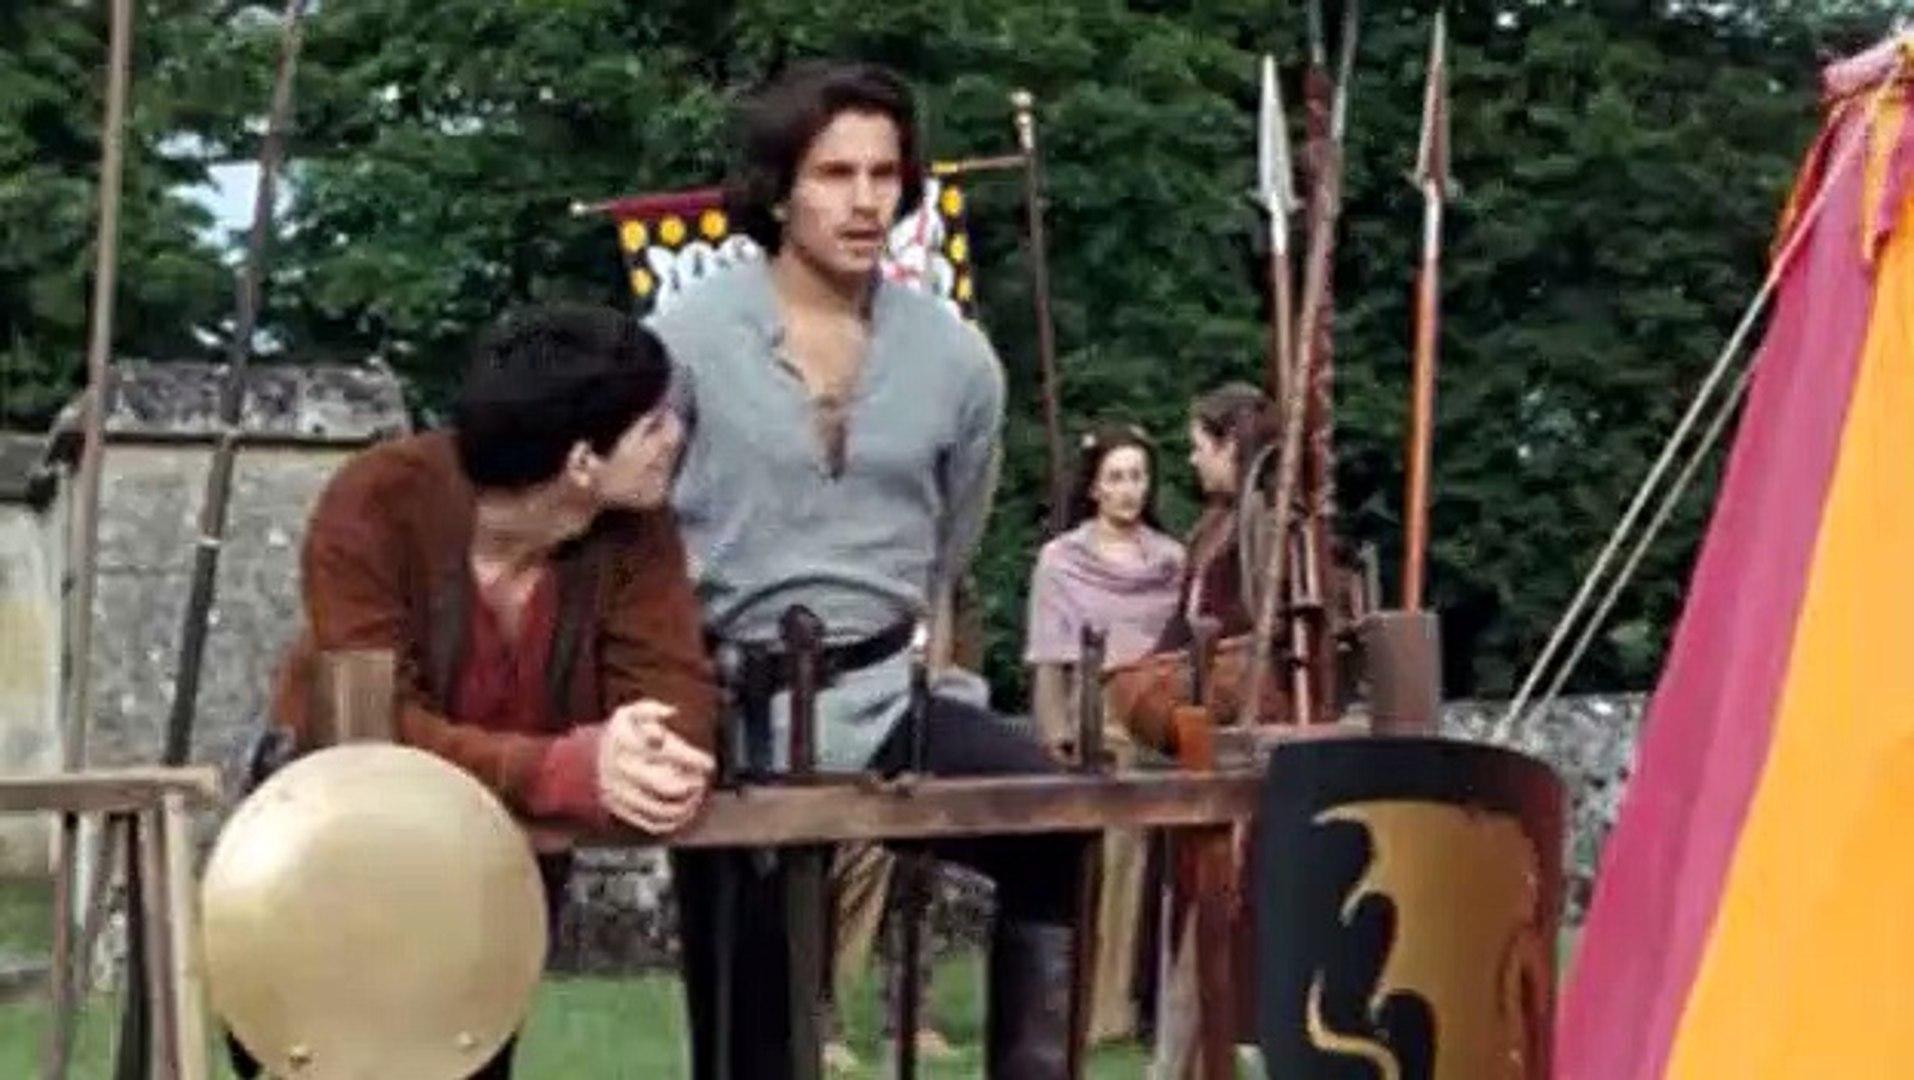 Merlin S01E05 - Lancelot